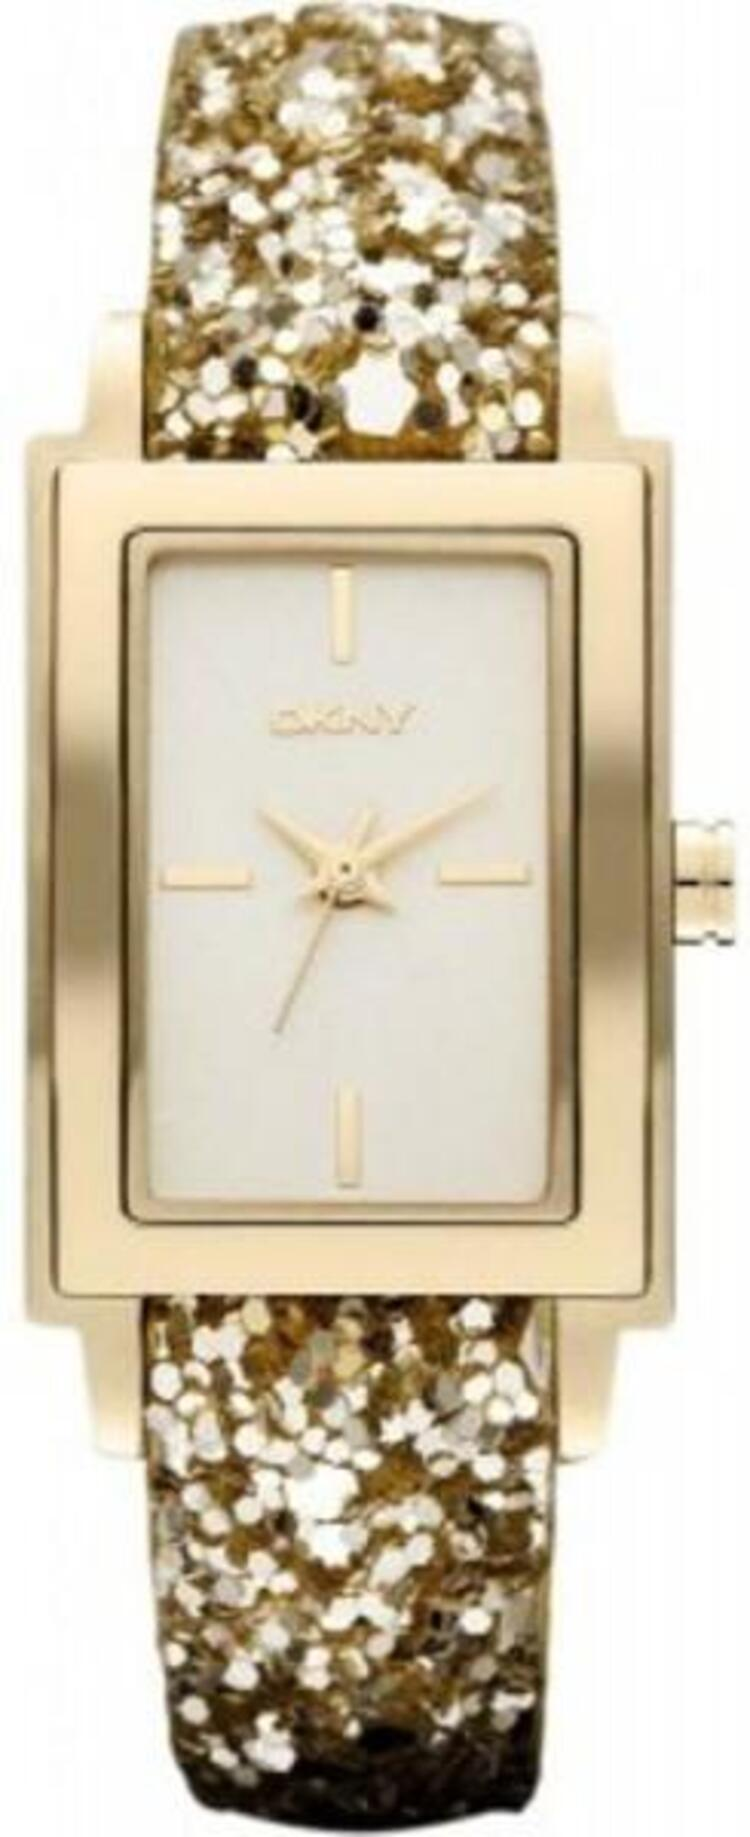 Her saate baktığınızda anneniz sizi hatırlasınDKNY  (390,15 TL)